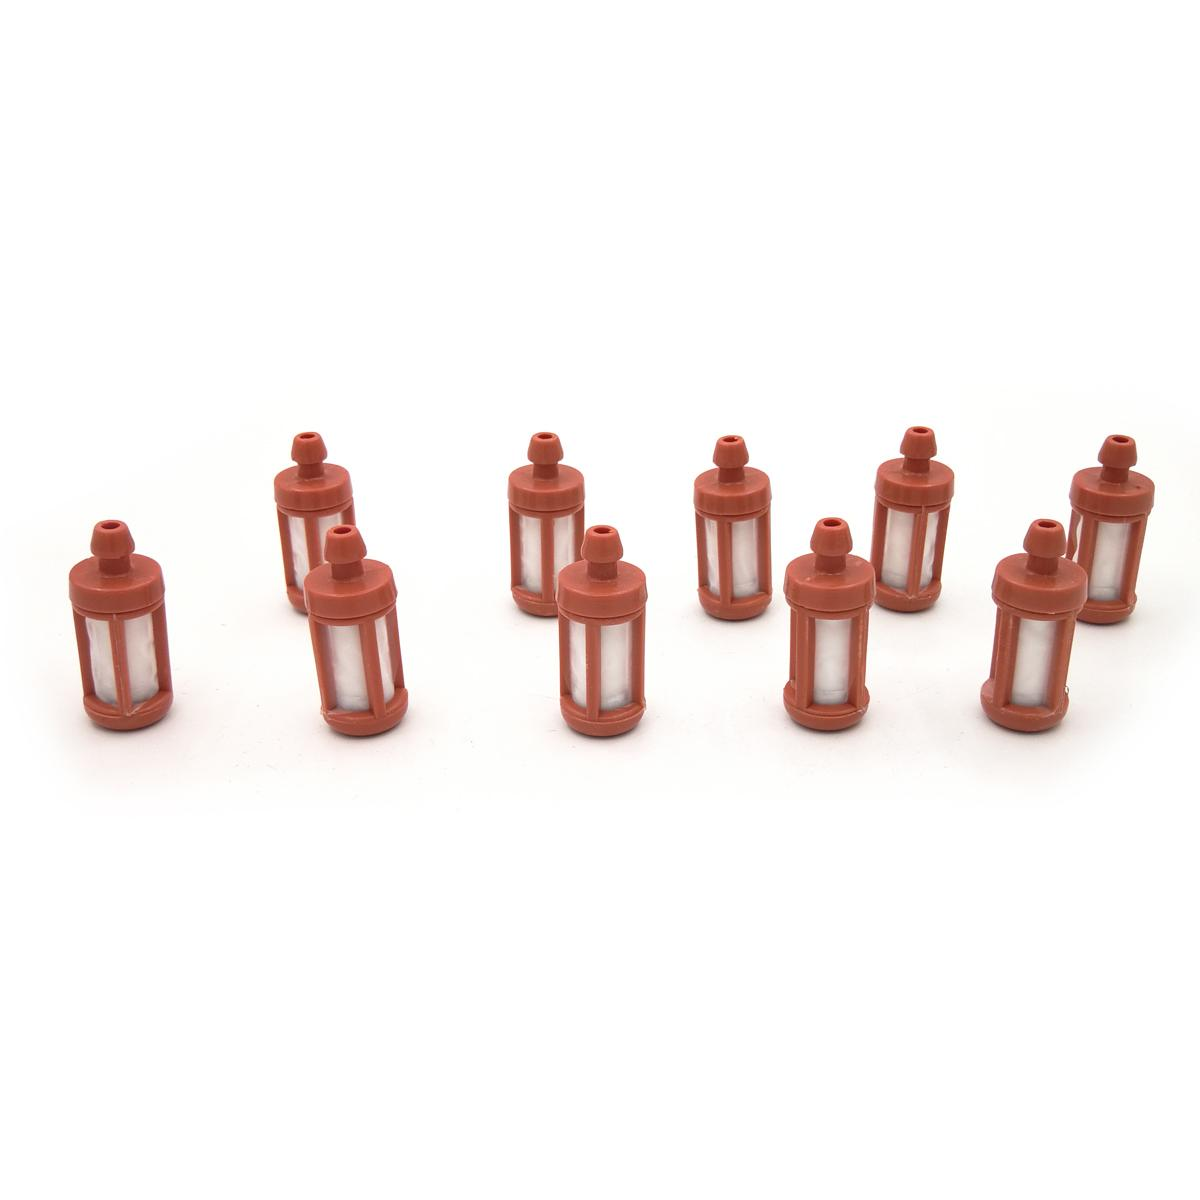 10 Unidades 8 5mm I D Filtro de Combustible de Gas para STIHL 026 029 034  036 038 039 044 046 066 088 TS400 TS410 TS450 TS700 TS760 TS860 TS800 MS260